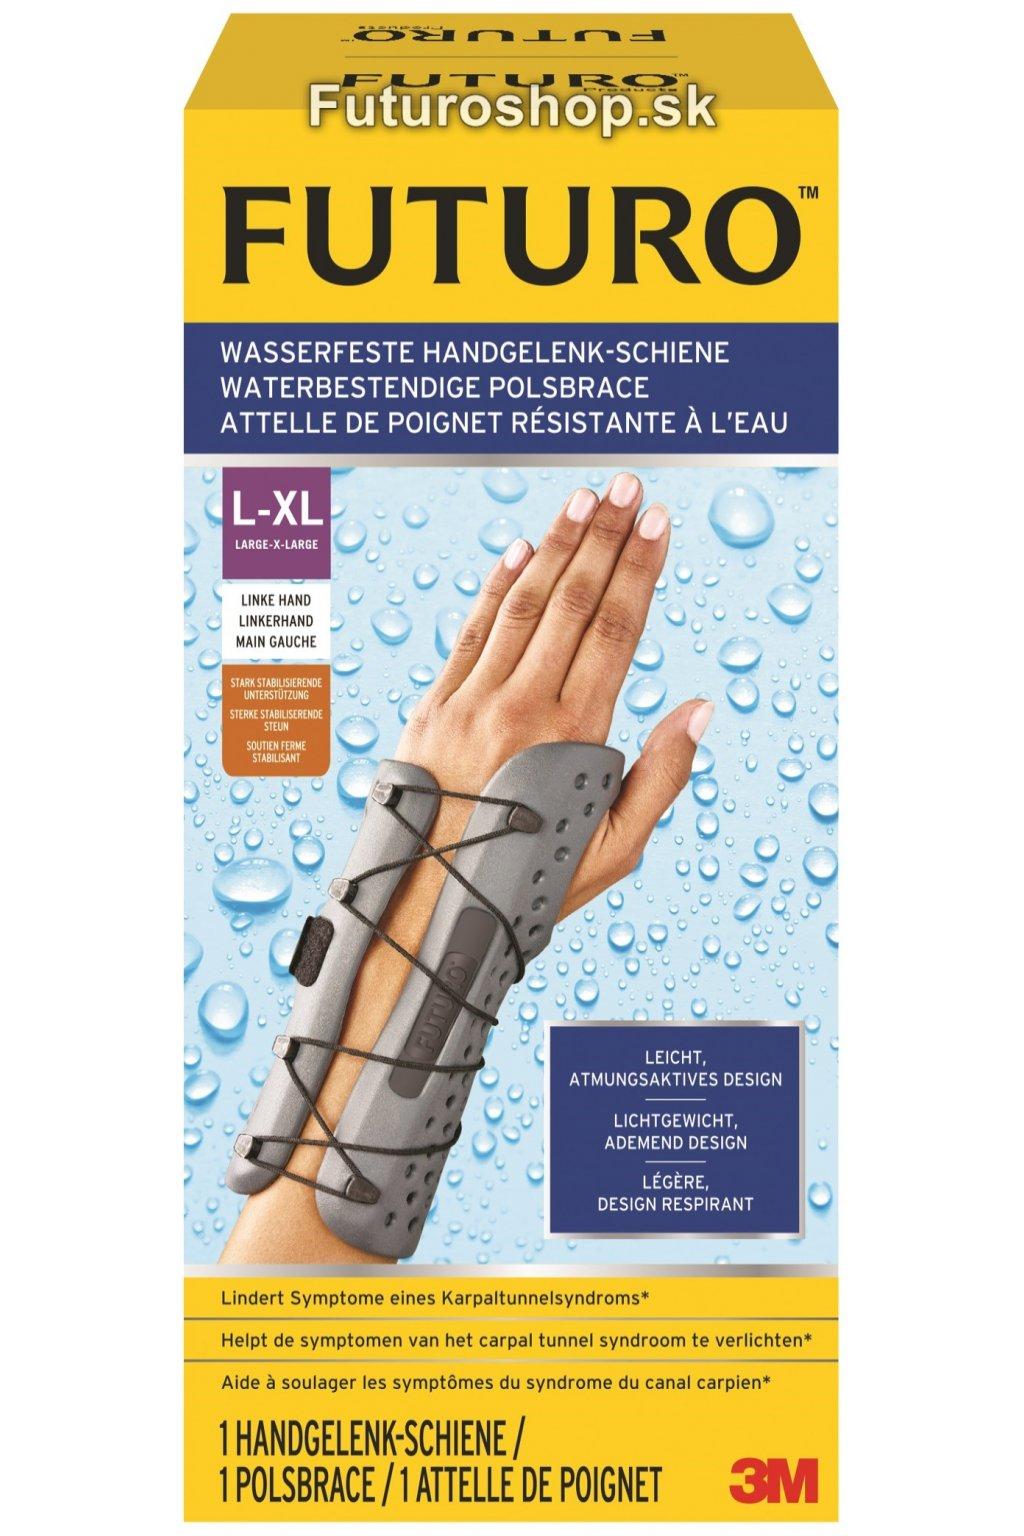 3M FUTURO vodeodolná zápästná bandáž 58503, ľavá ruka, veľkosť L-XL